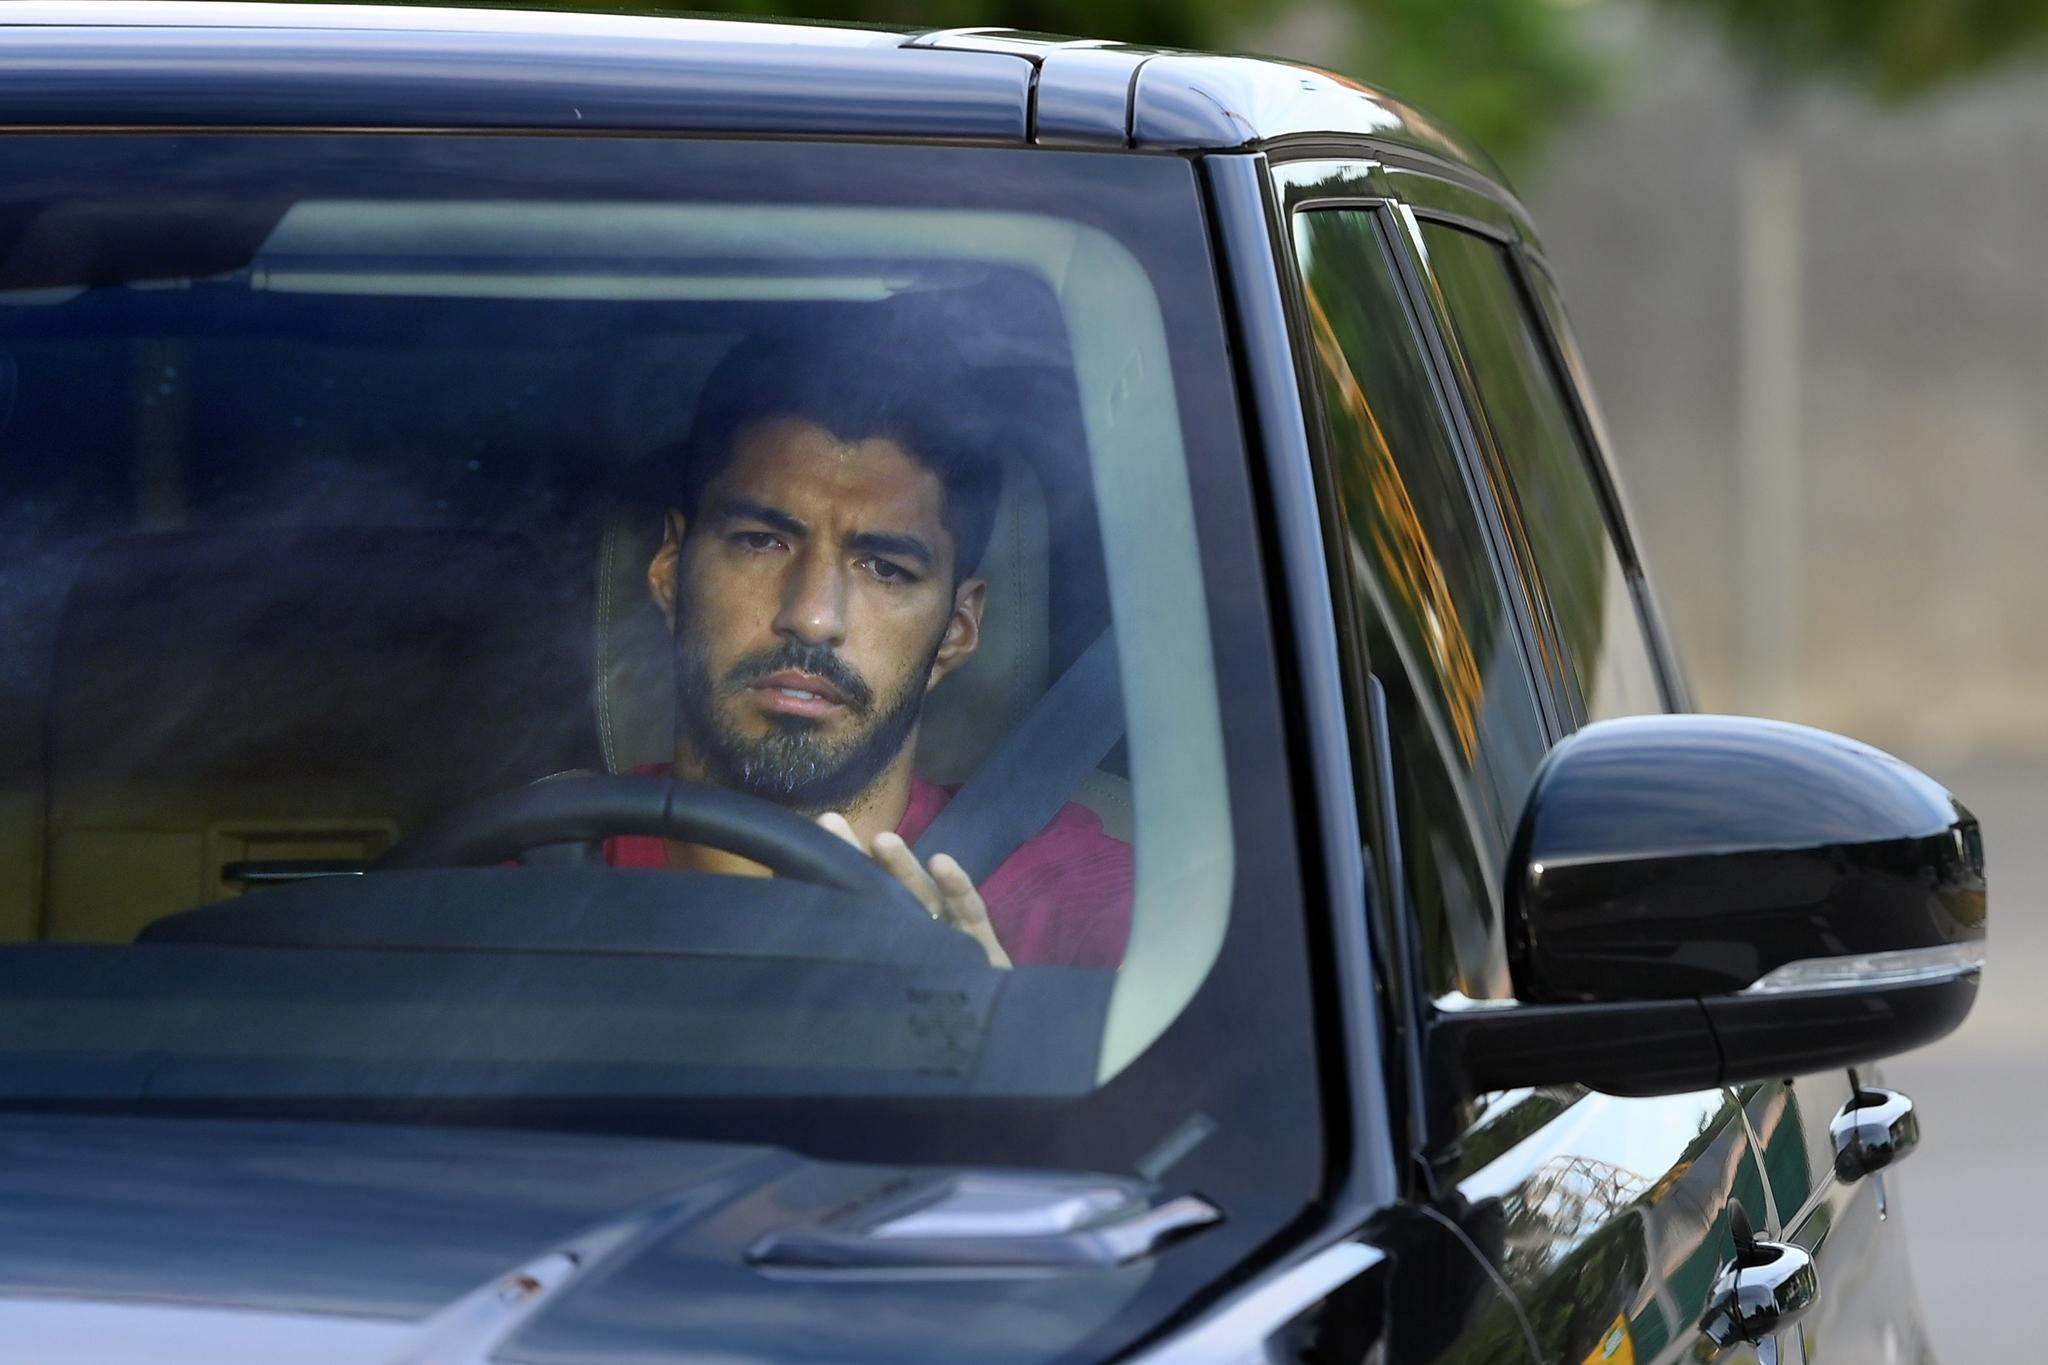 지난 8일 바르셀로나 훈련장을 떠나는 수아레스 모습. 아틀레티코 마드리드는 24일 수아레스 영입을 발표했다. [AFP=연합뉴스]